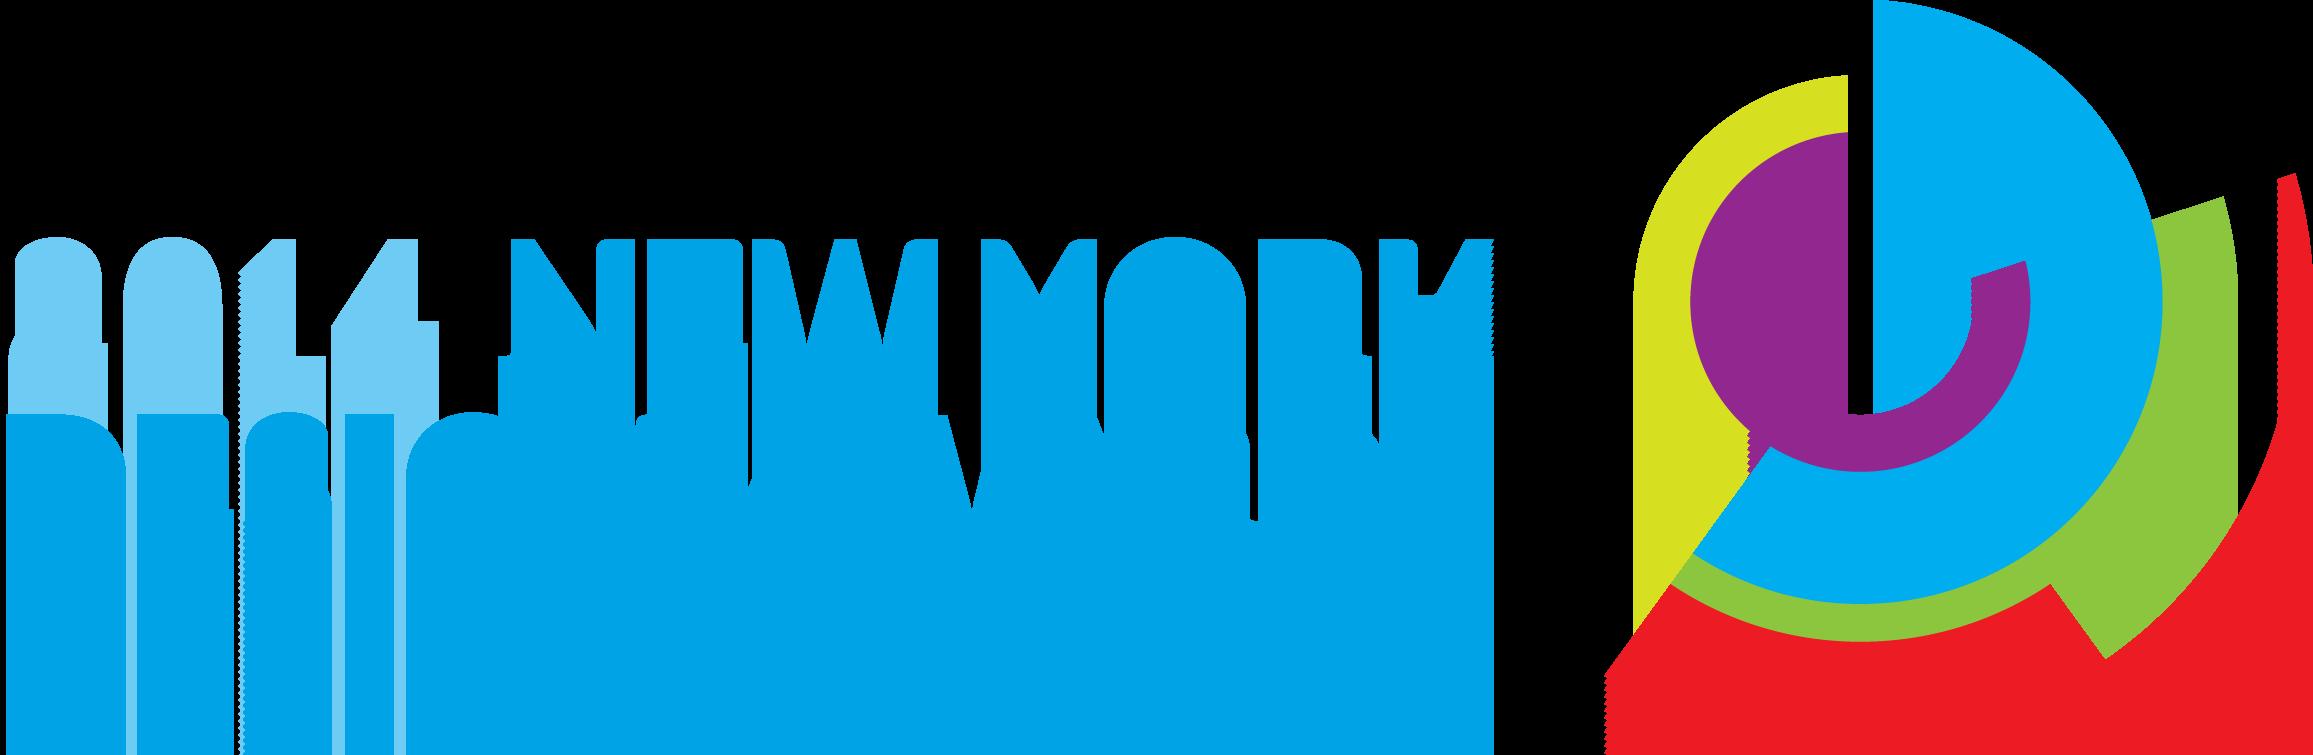 Logo-Landscape-NYDA2014.png